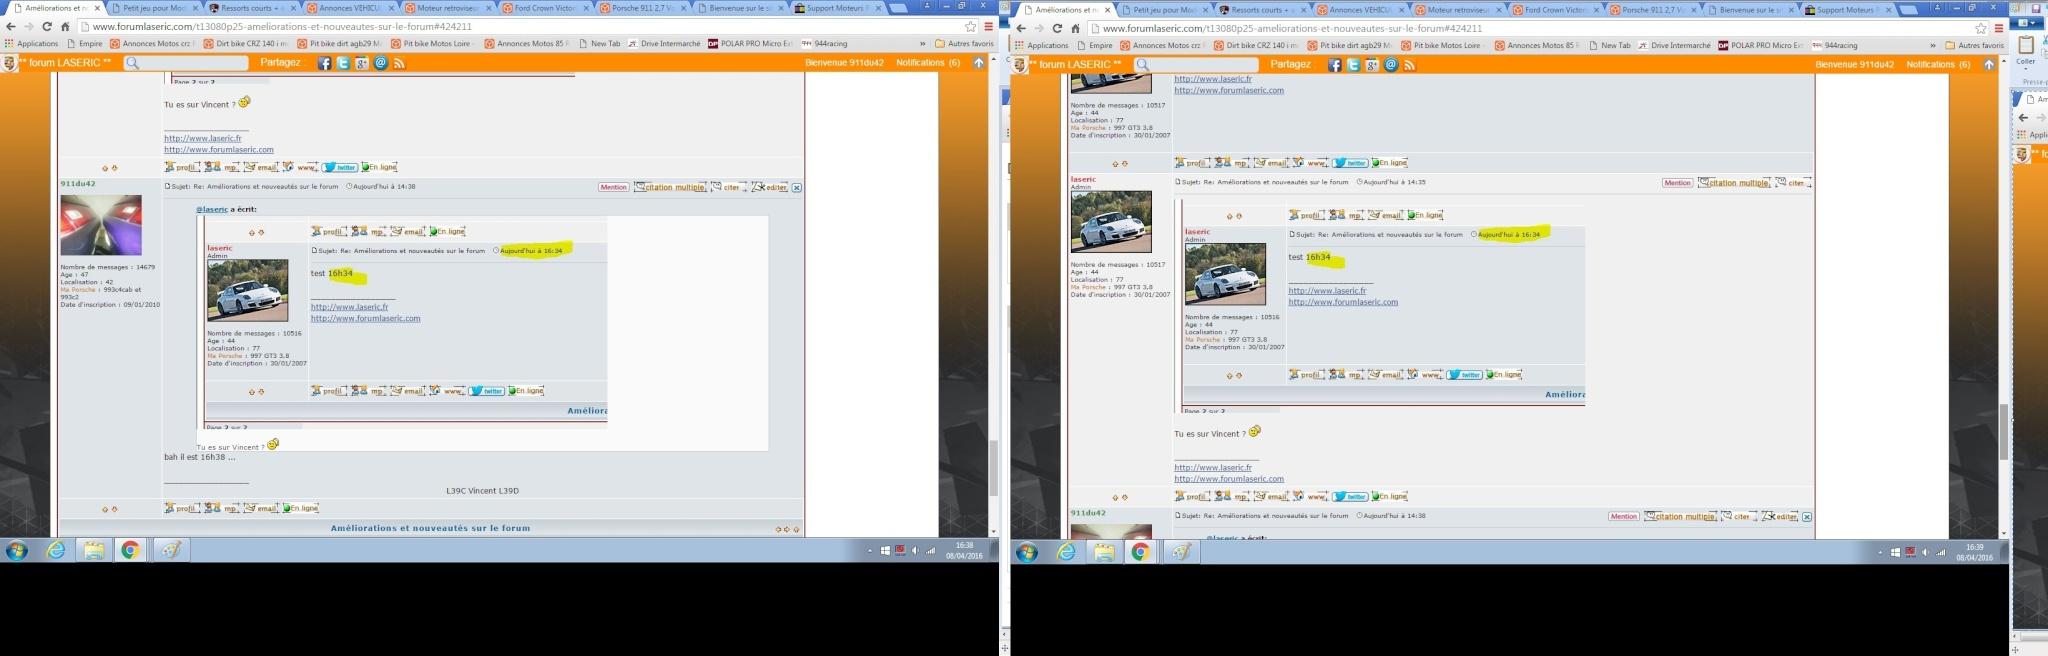 Améliorations et nouveautés sur le forum - Page 2 Bug_he10